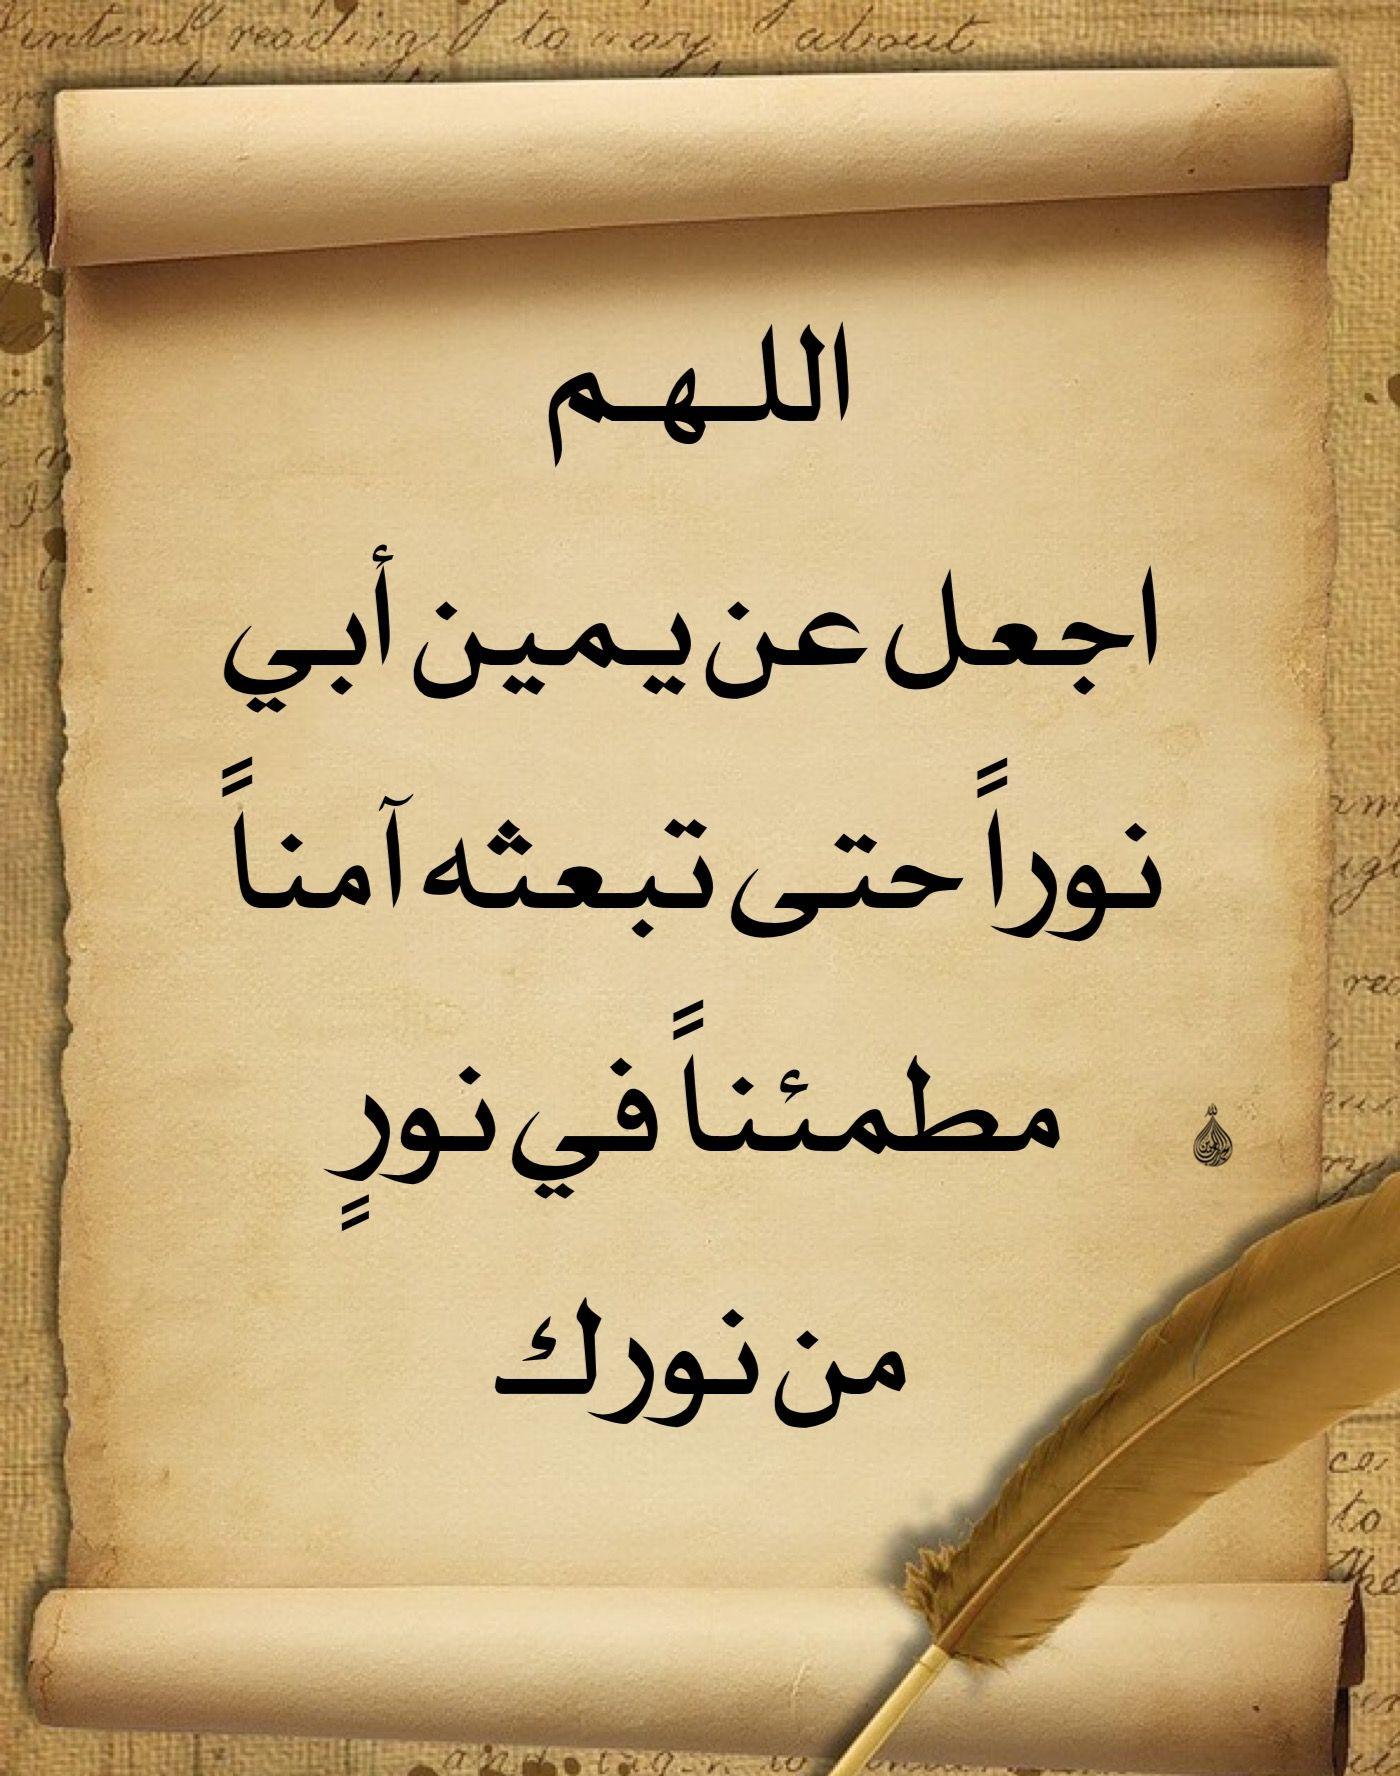 Pin By هده الدنيا ليست الجنة On معلومات والإسلامية Islamic Quotes Quran Islamic Quotes Quotes